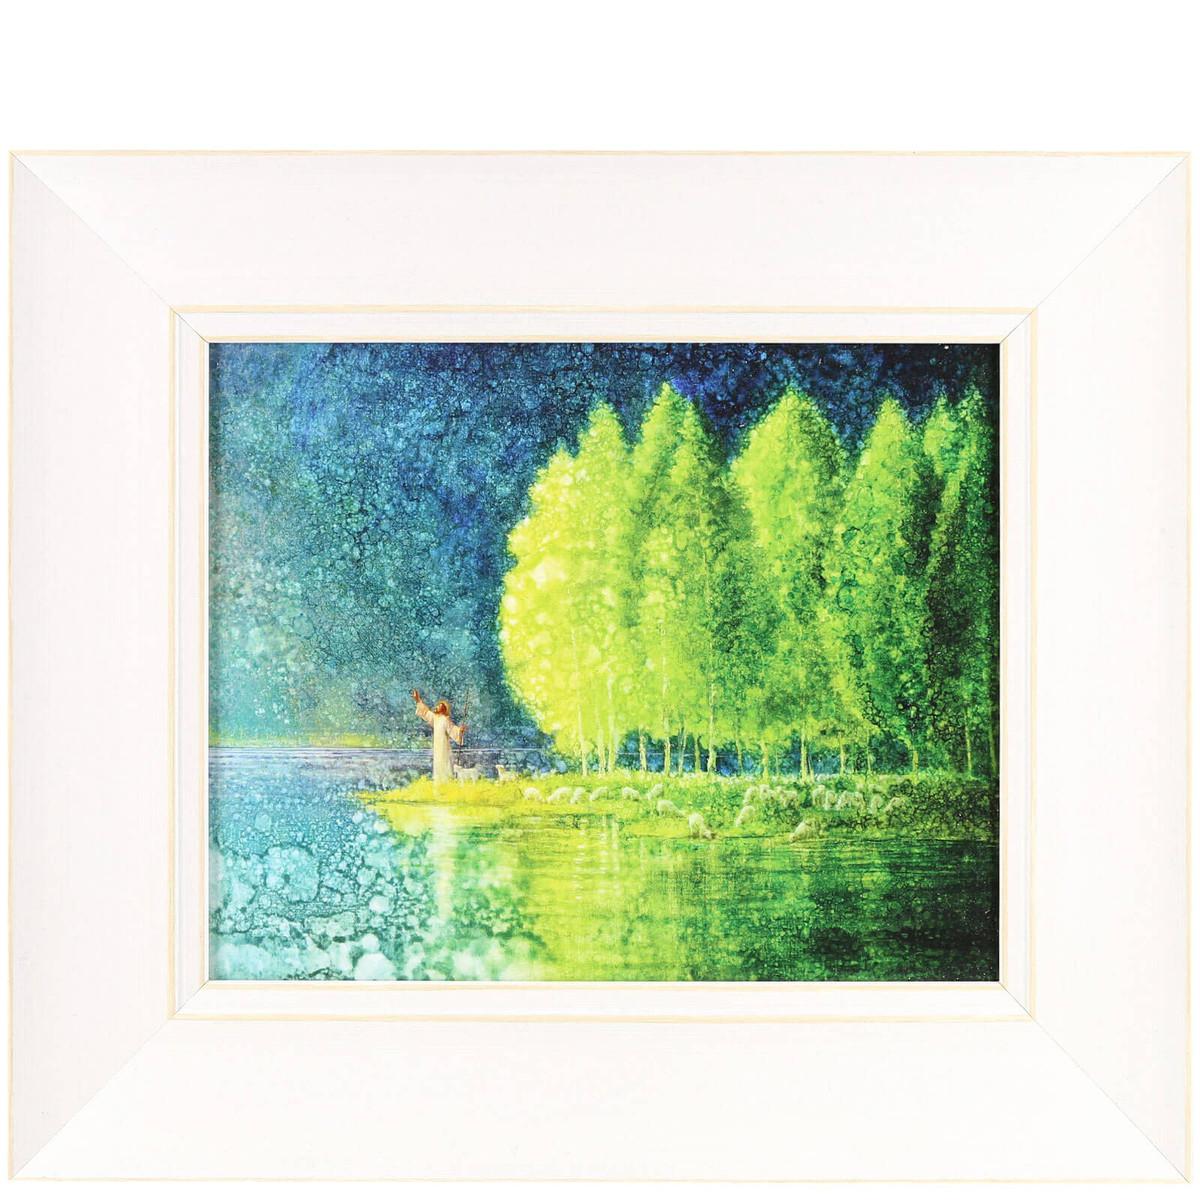 Framed Art: Beside Still Waters by Yongsung Kim - 12\